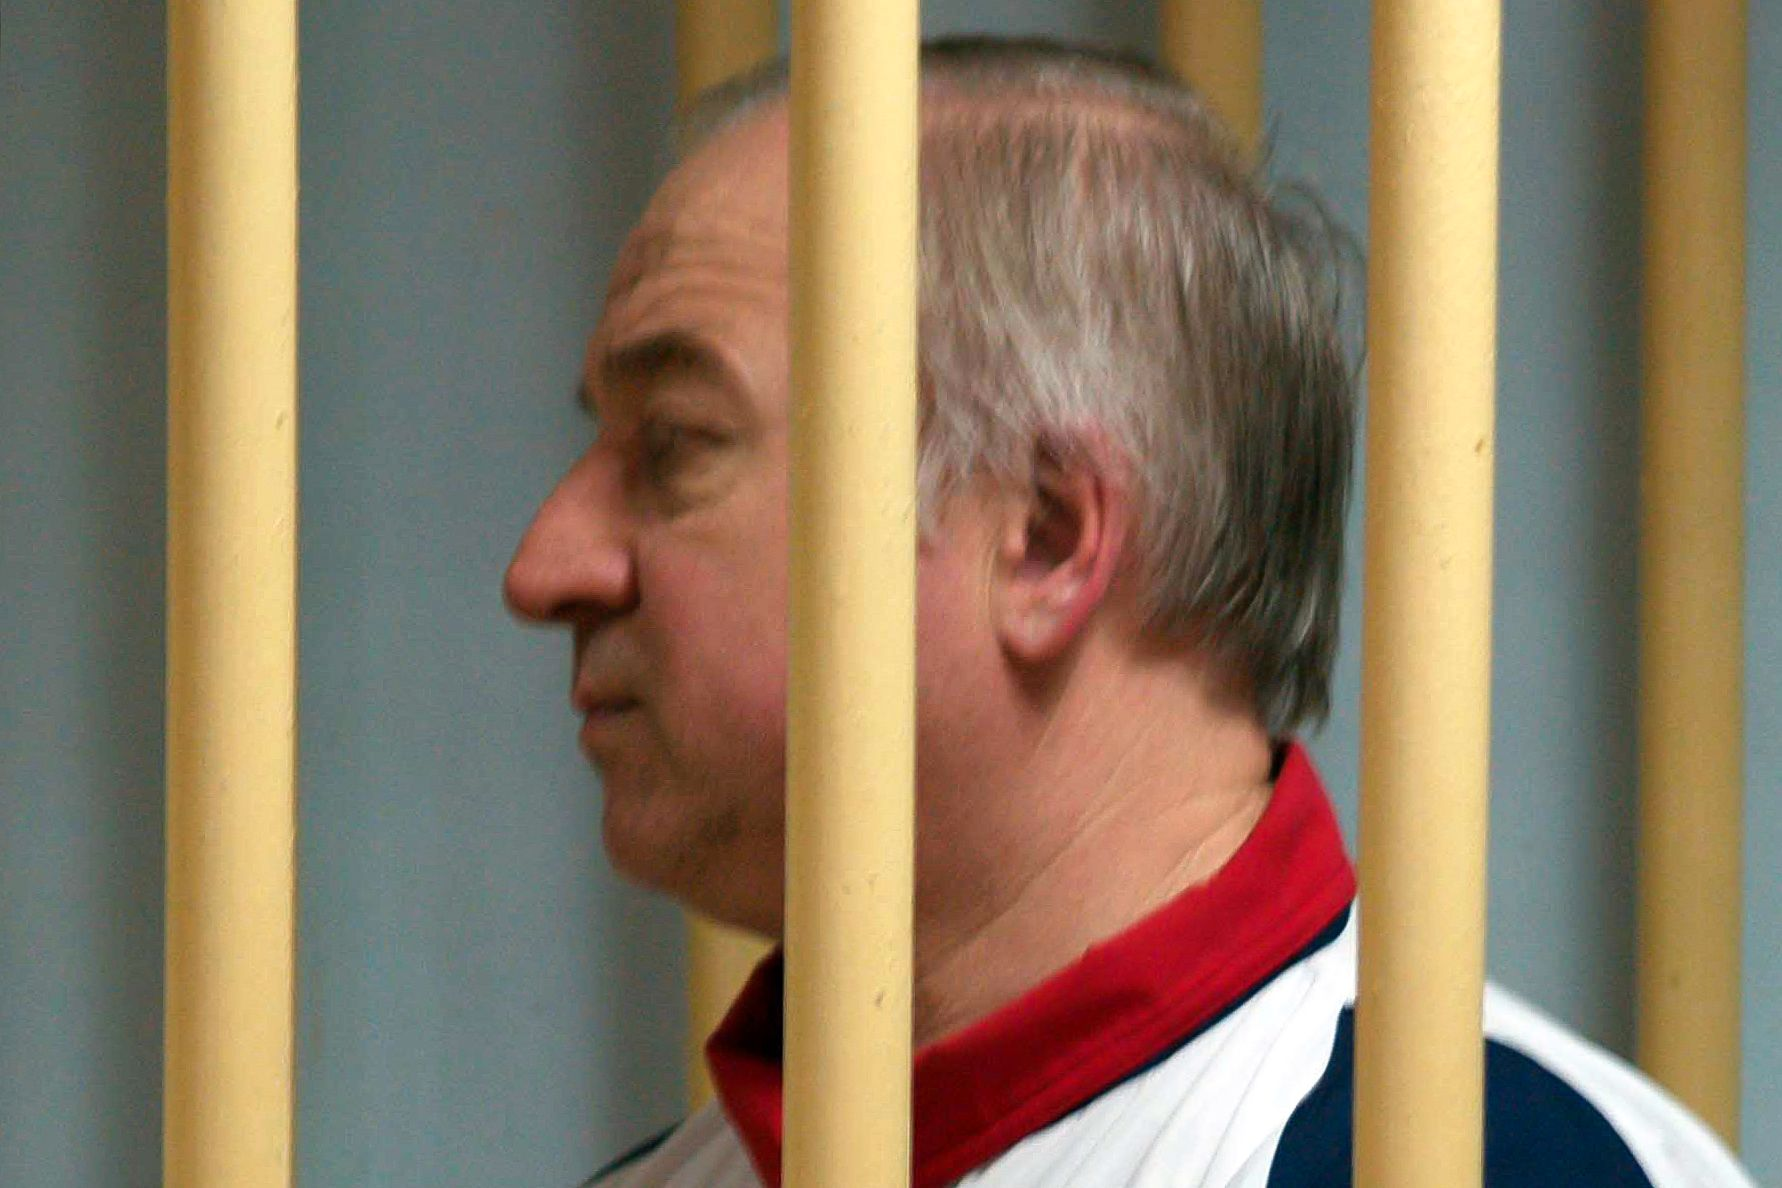 FORGIFTET: Forrige søndag ble den russiske eksspionen Sergej Skripal ble forgiftet av nervemiddelet